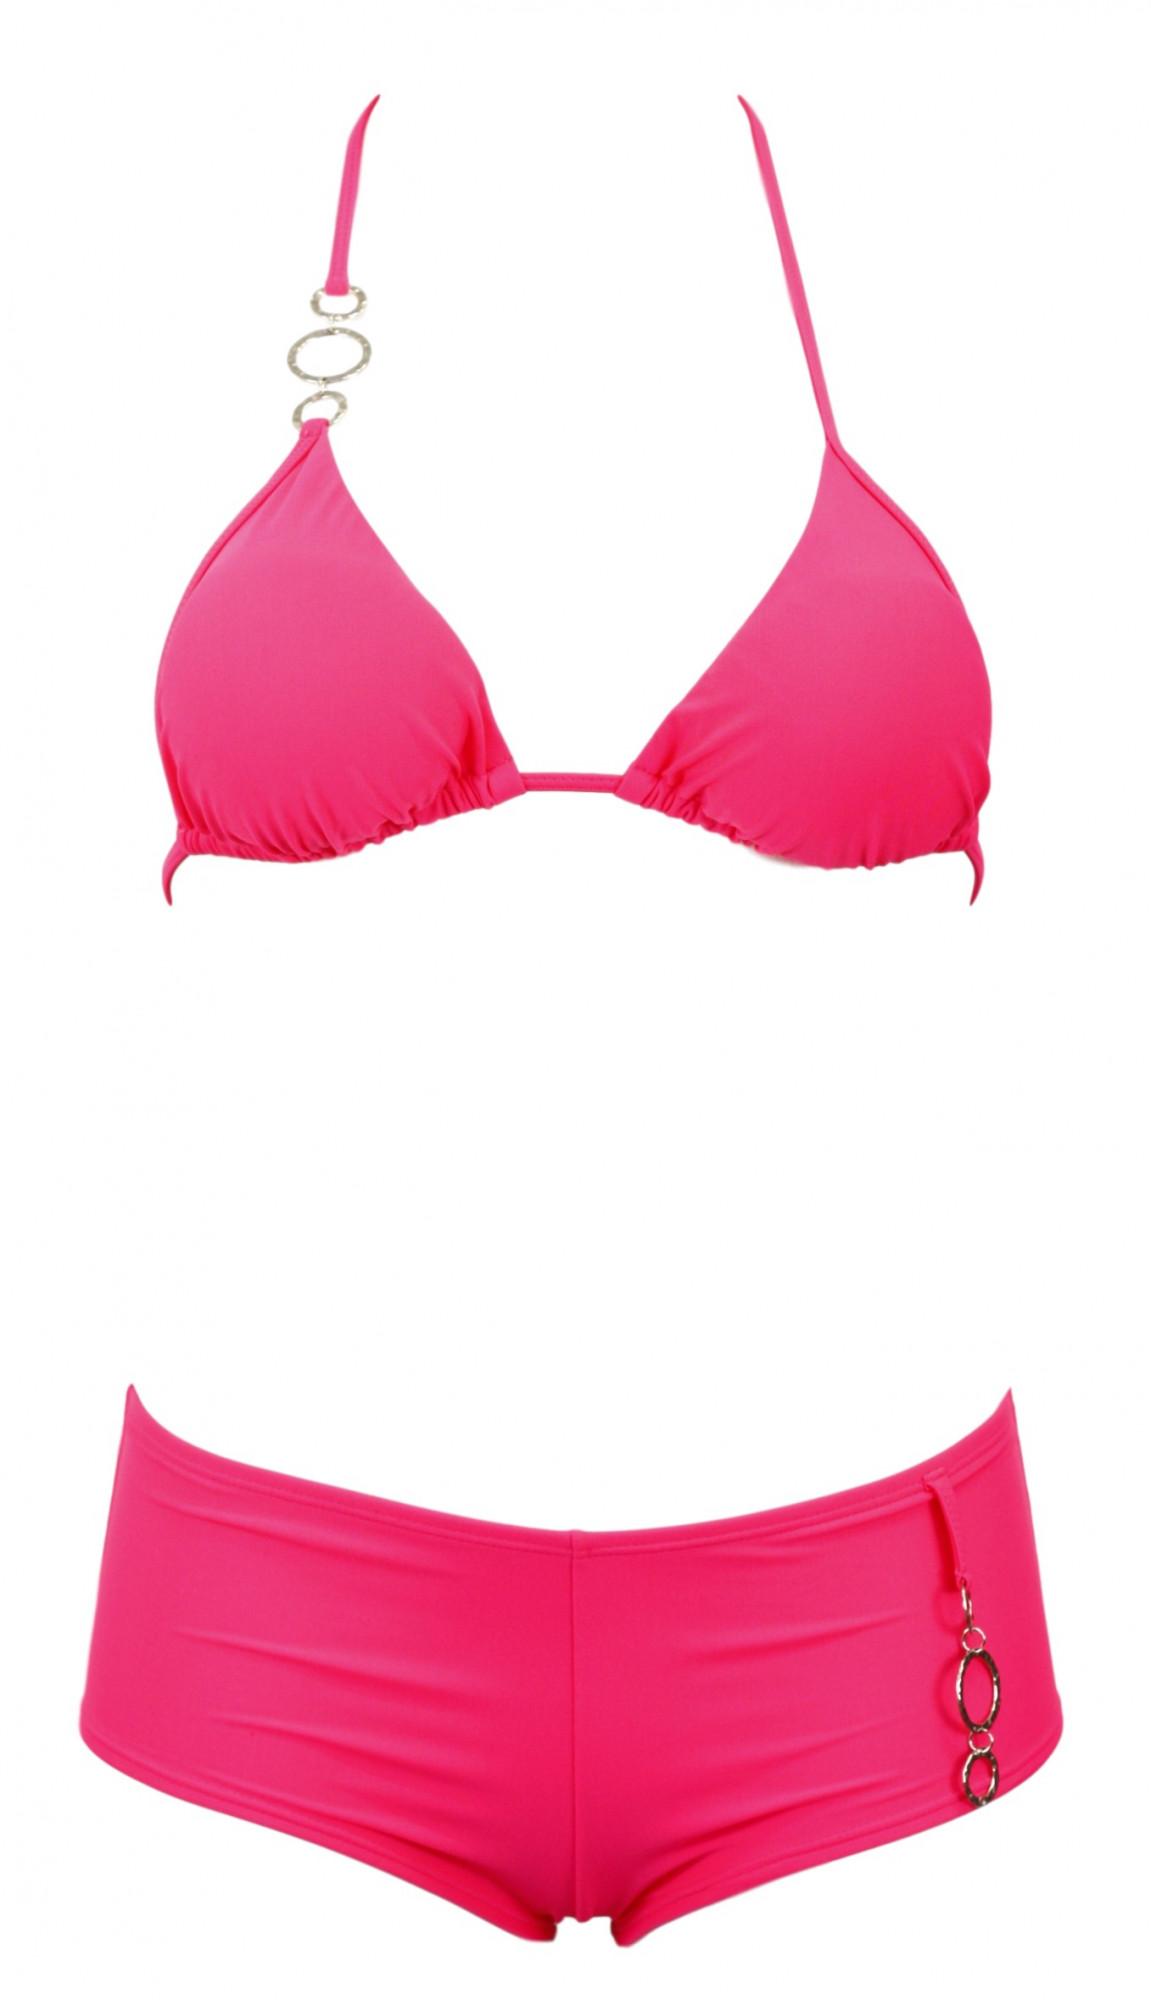 Dámské dvojdílné plavky Donna Ismena Barva: růžová, Velikost: M